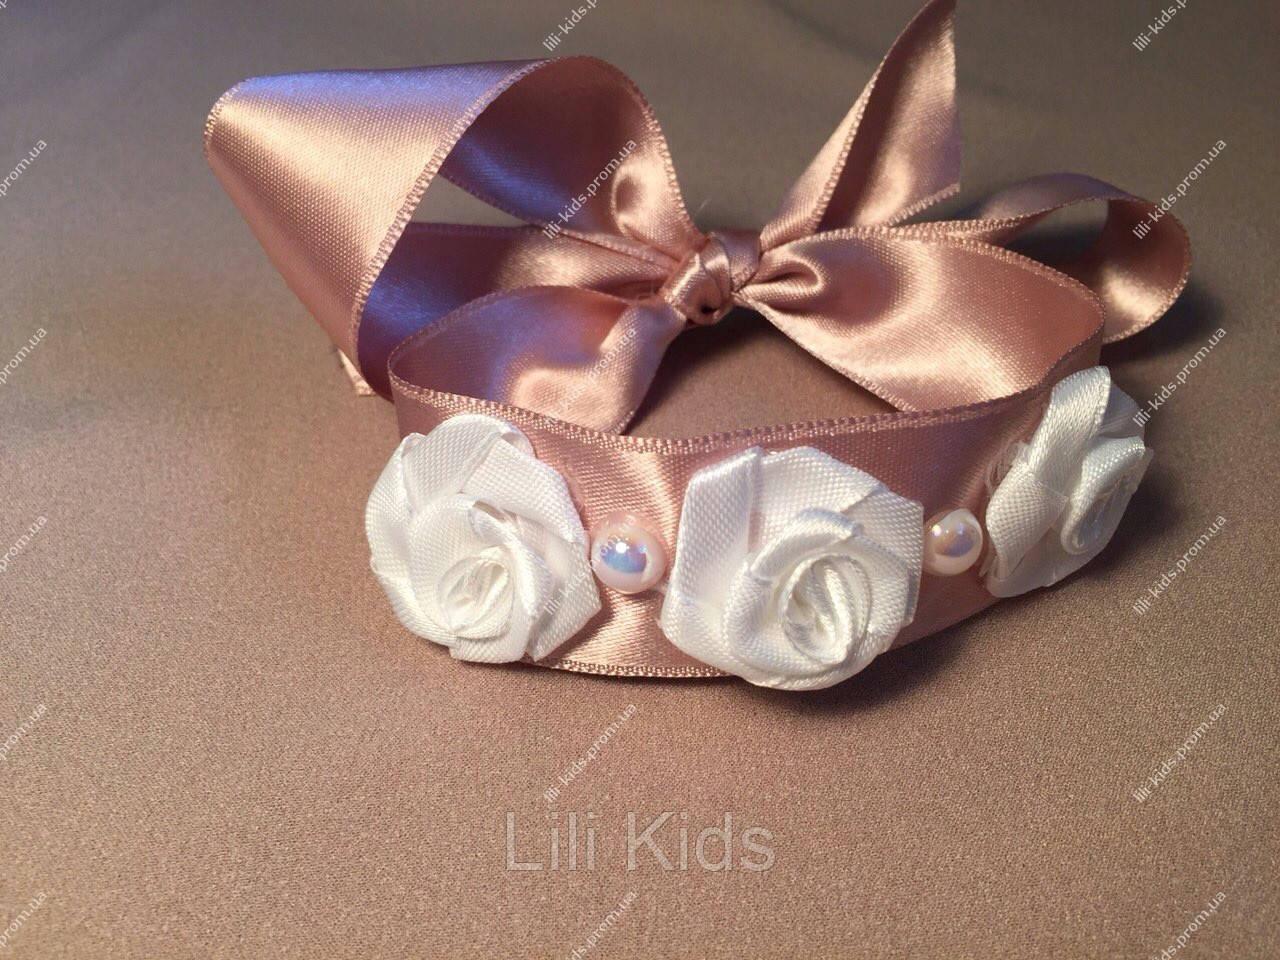 Обручи - повязки  для девочек - Lili Kids в Одессе